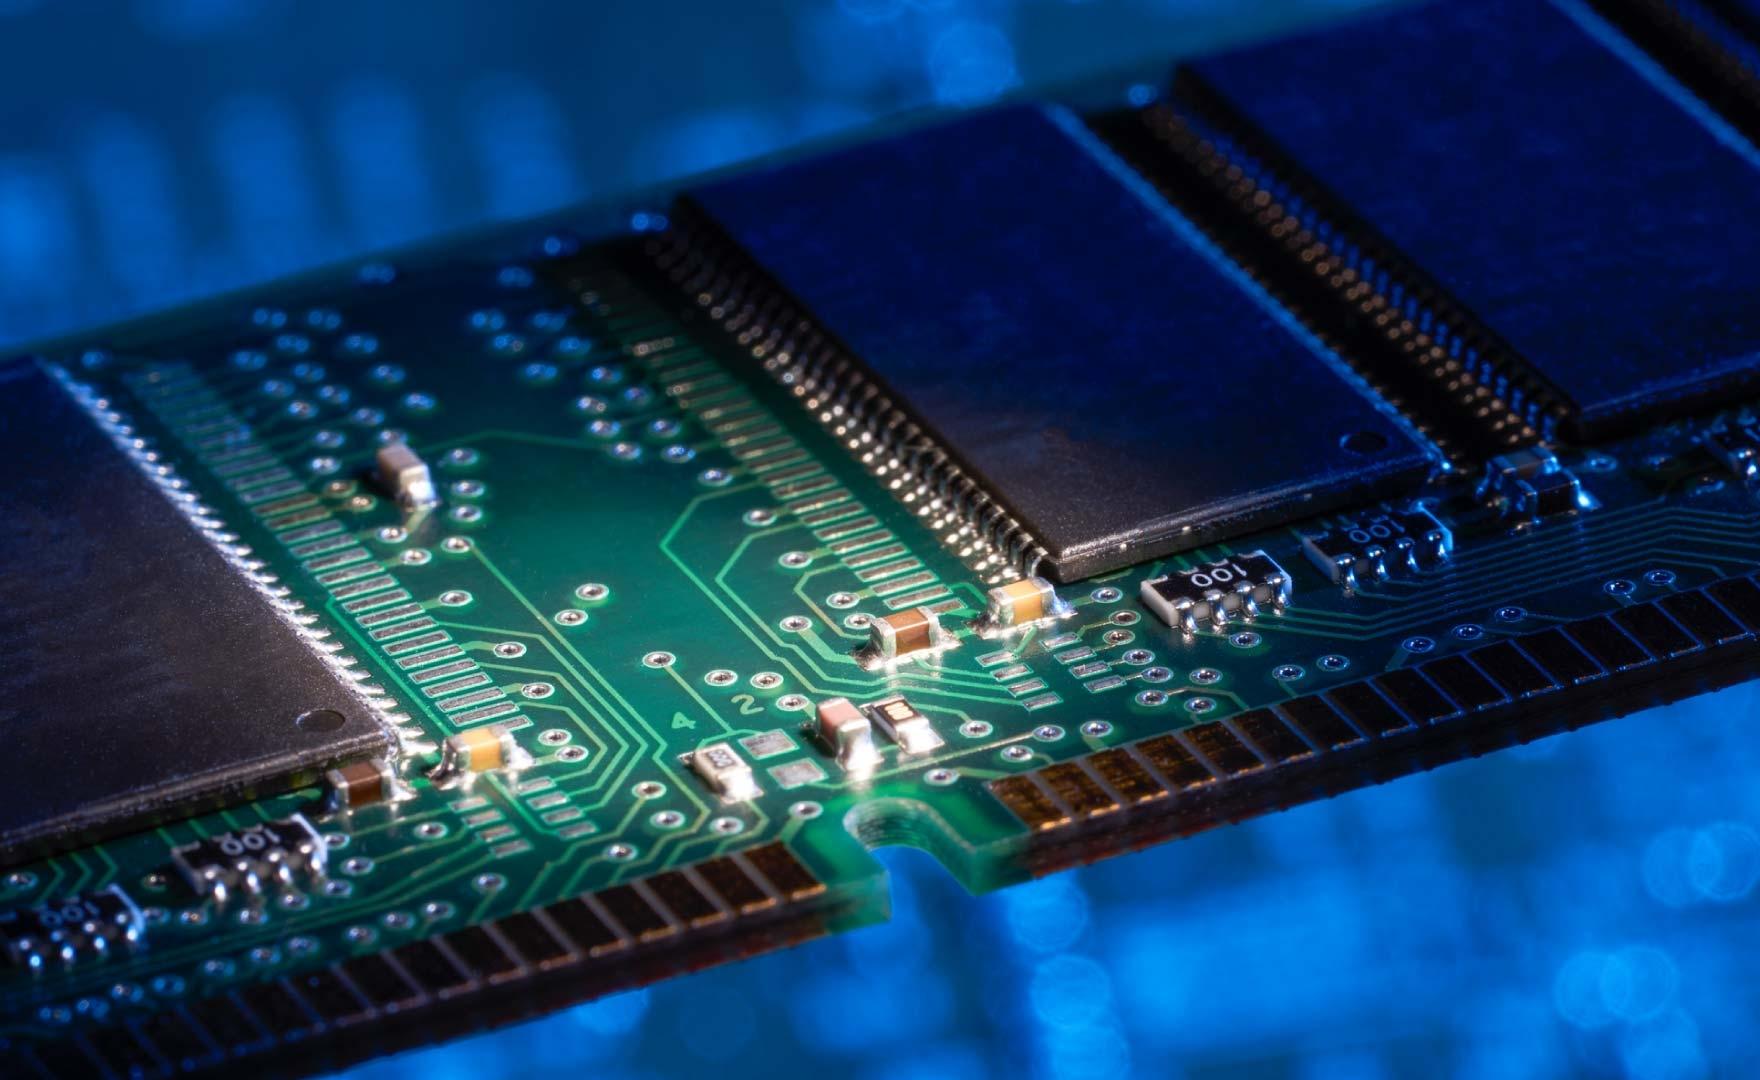 I primi moduli DDR5 sono pronti per le CPU Intel Alder Lake